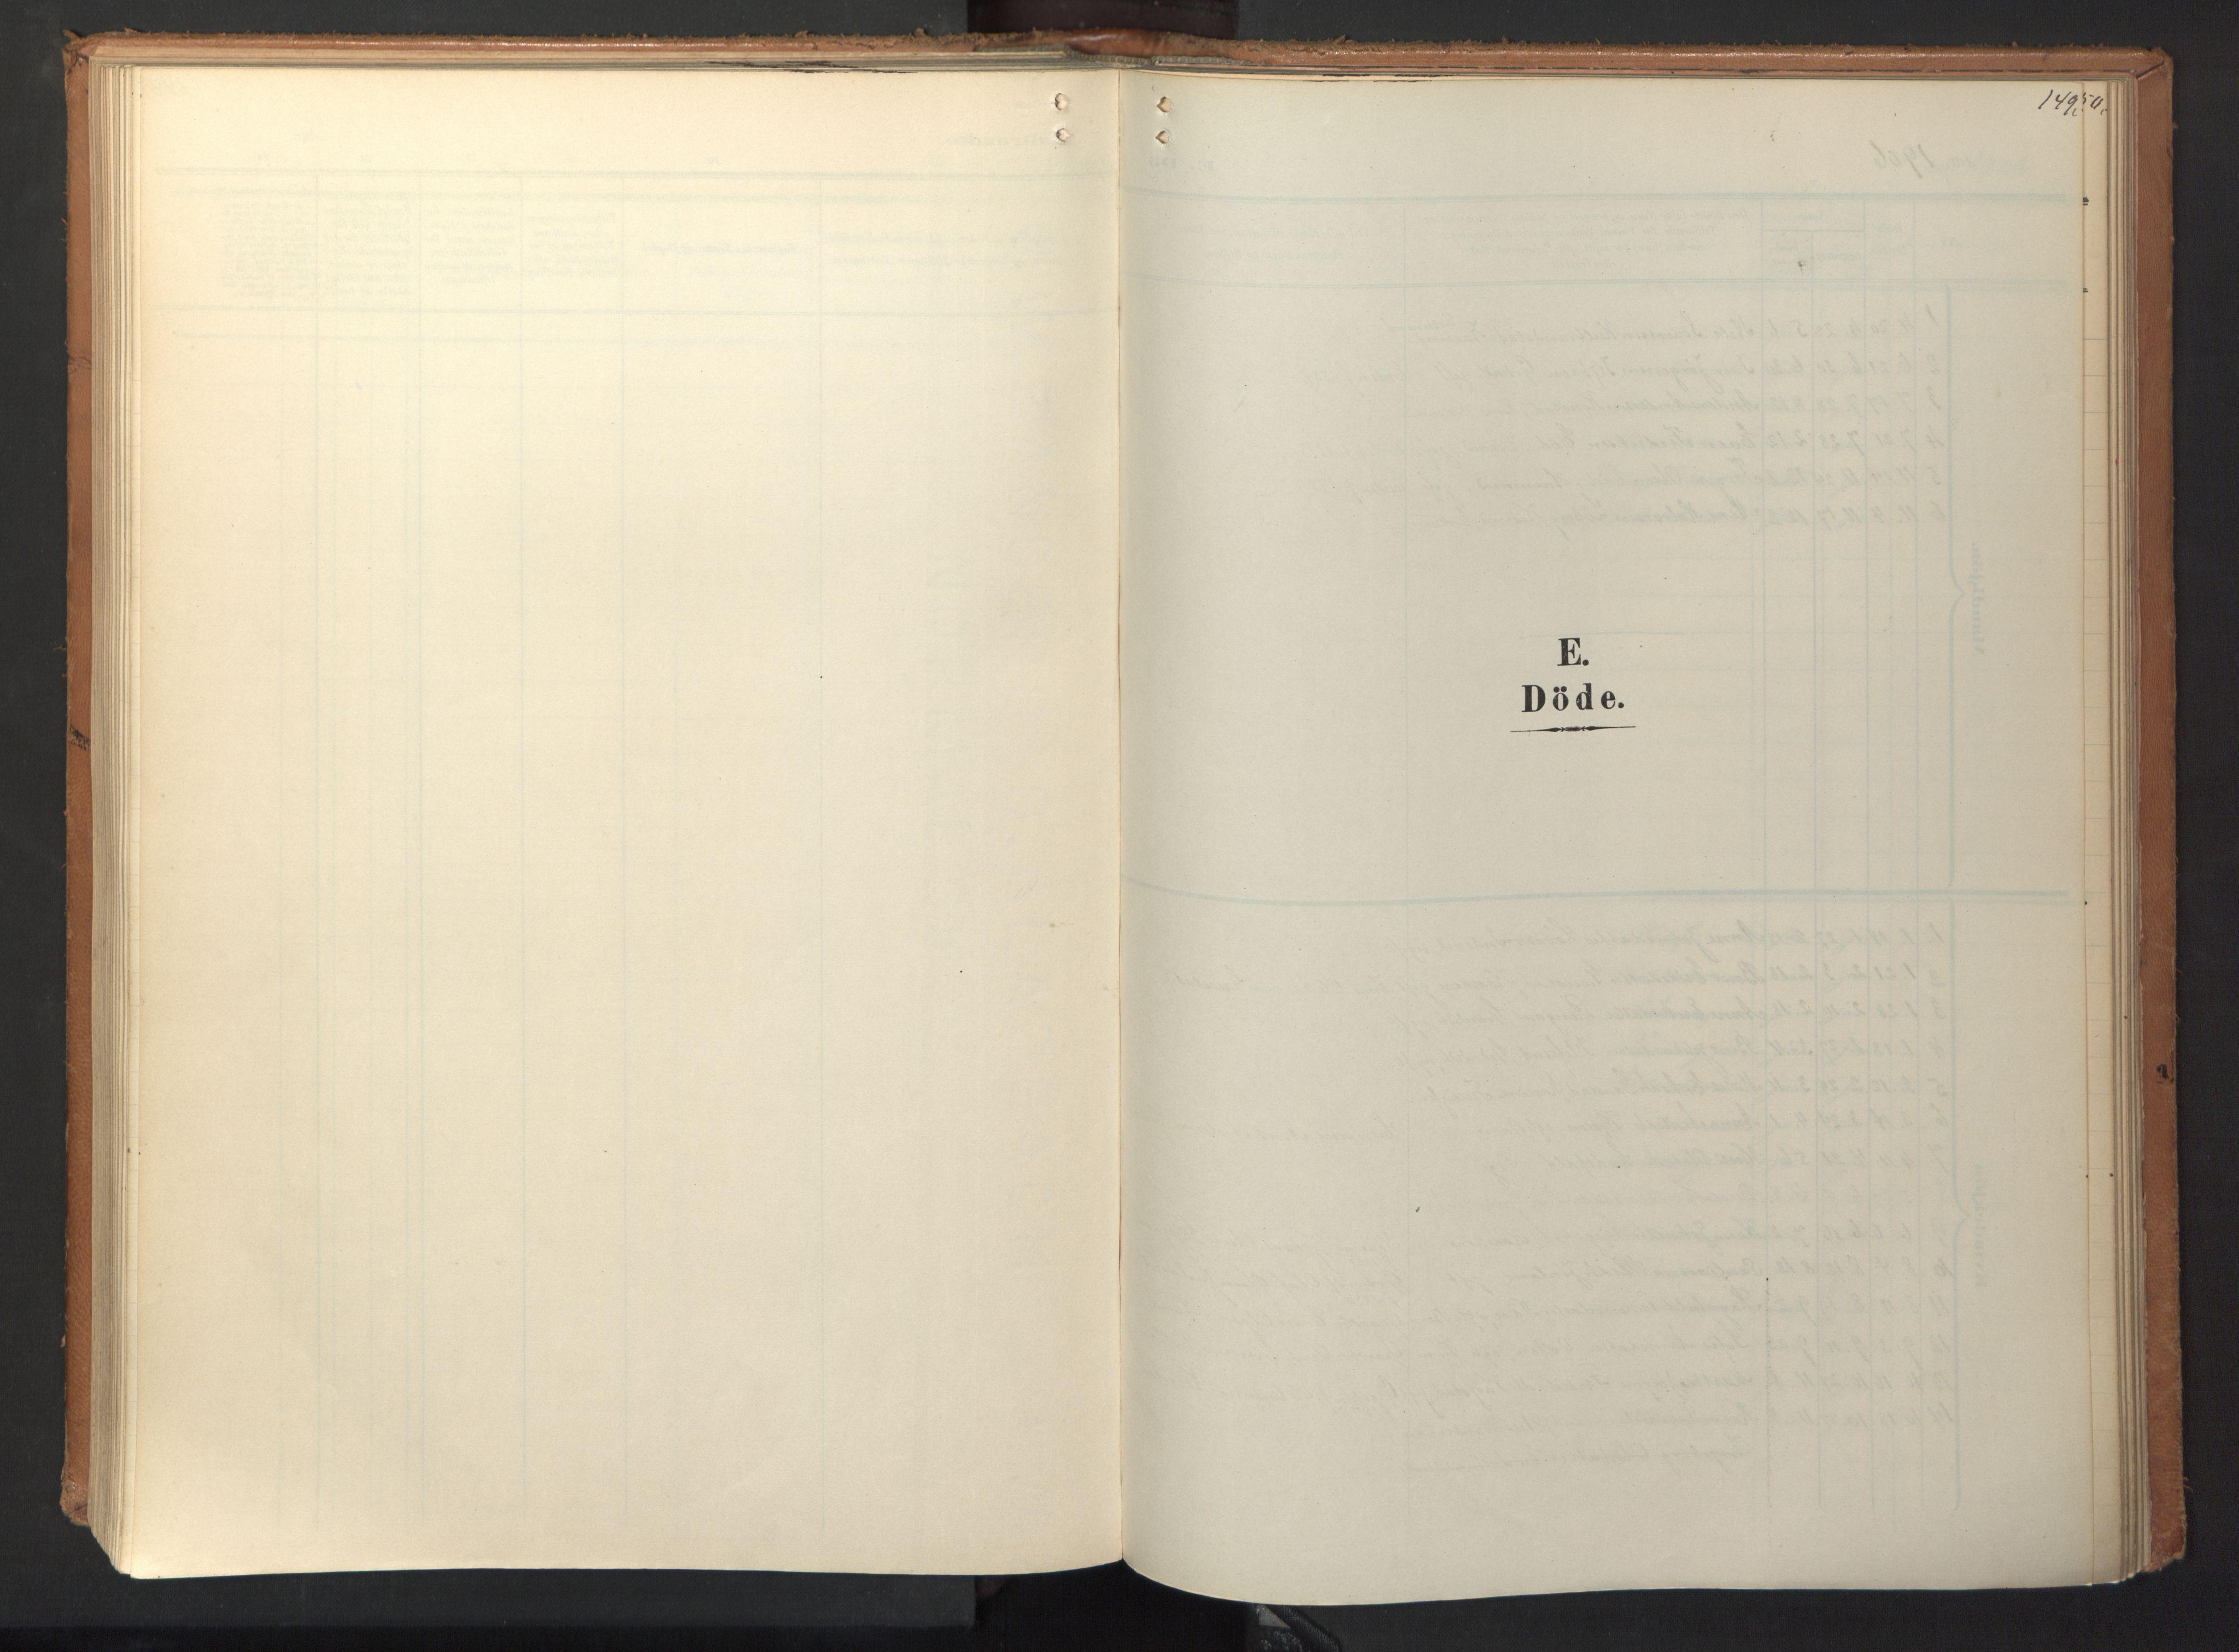 SAT, Ministerialprotokoller, klokkerbøker og fødselsregistre - Sør-Trøndelag, 694/L1128: Ministerialbok nr. 694A02, 1906-1931, s. 149